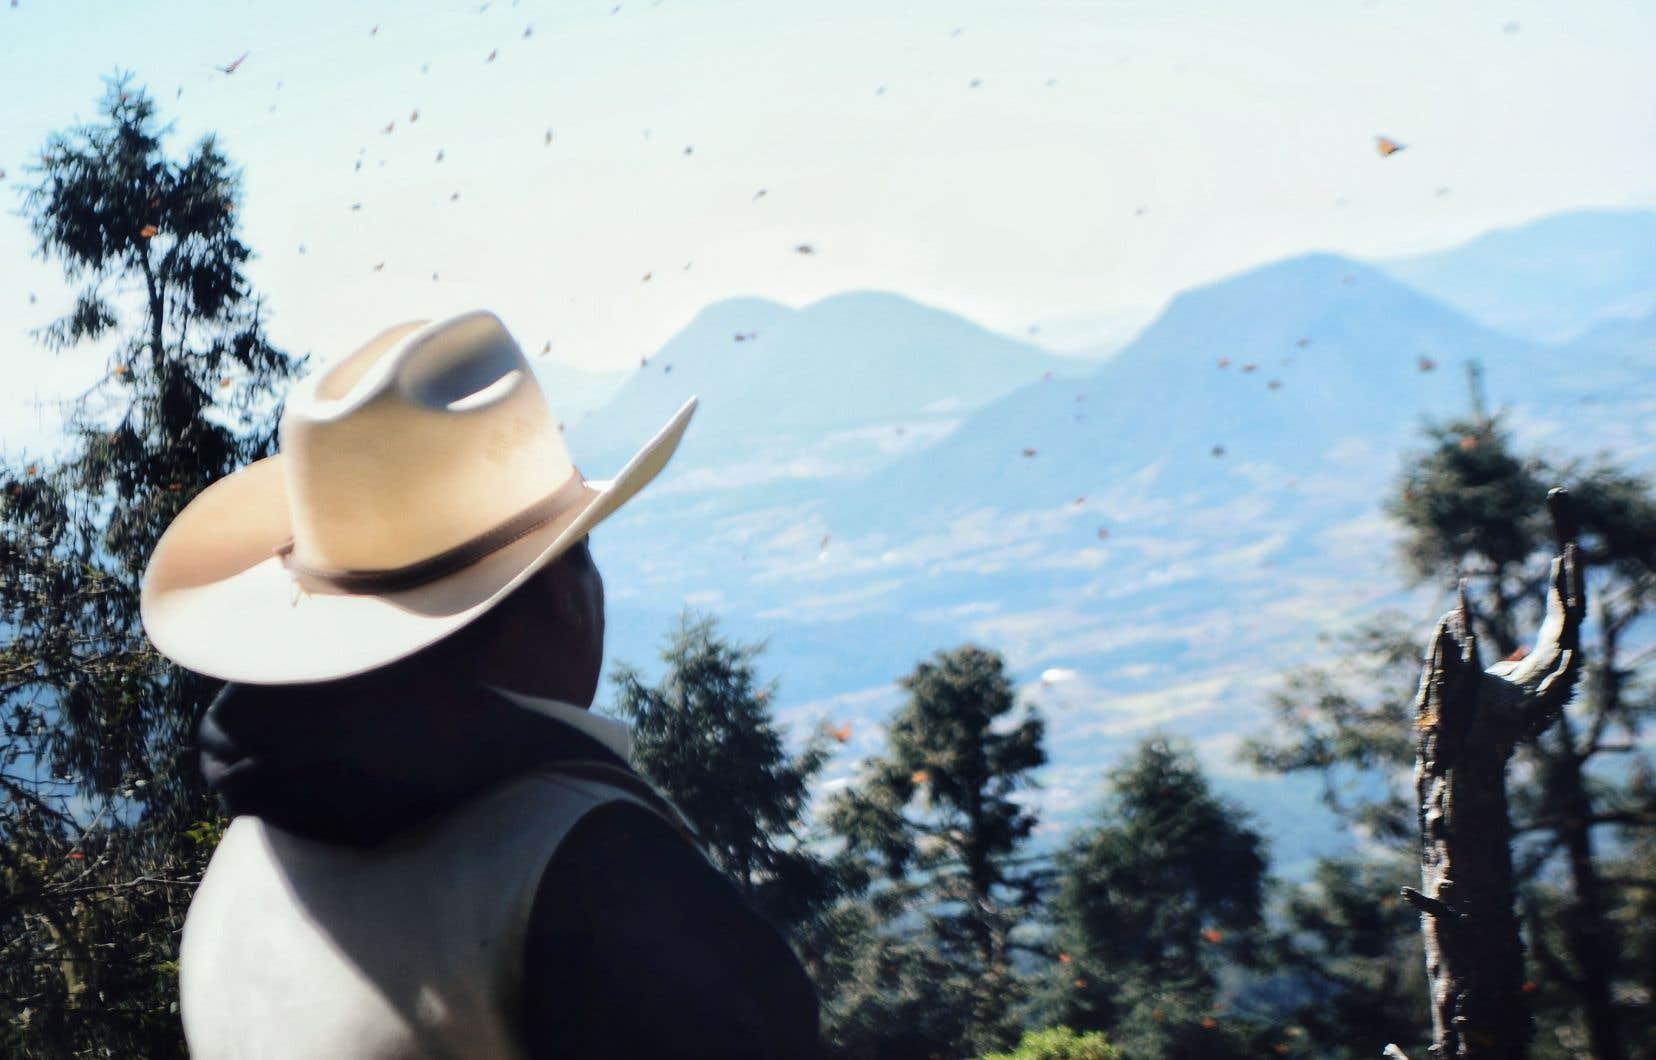 Rogelio, secrétaire de surveillance de l'ejido Cerro Prieto, veille sur les arbres «bouquets de papillons» dans la réserve de biosphère du papillon monarque.